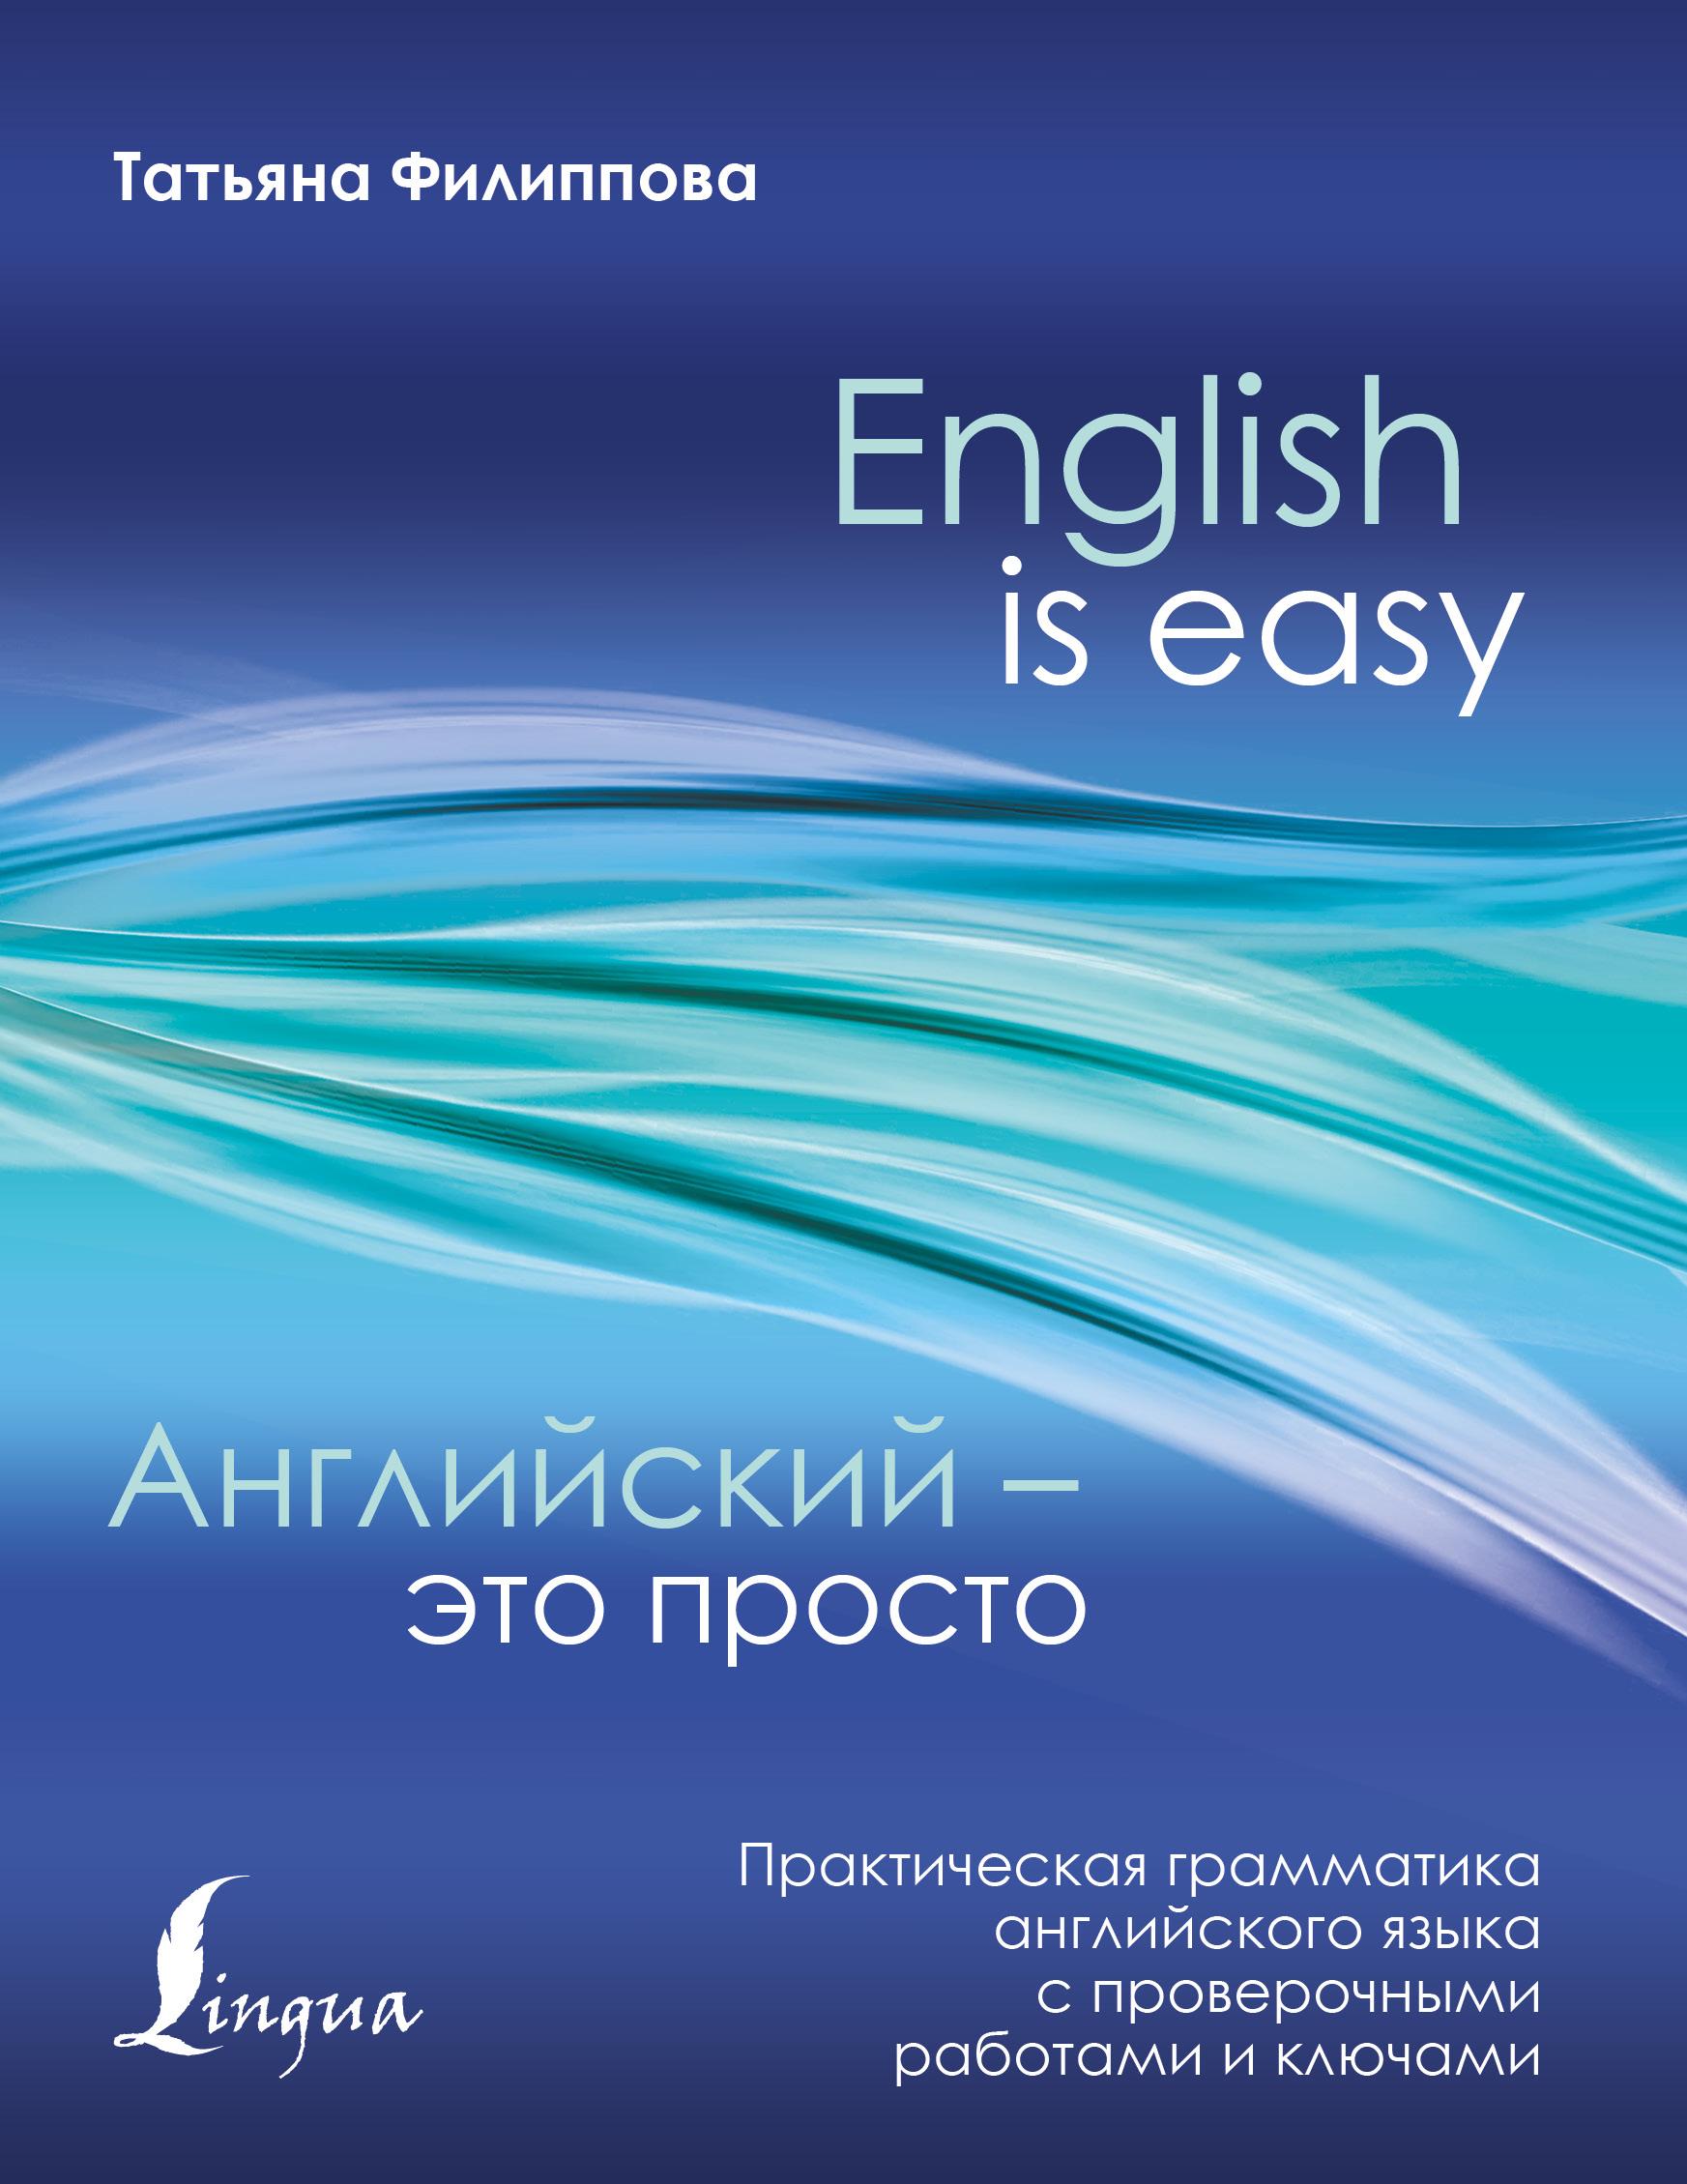 Татьяна Филиппова Английский — это просто. Практическая грамматика английского языка с проверочными работами и ключами